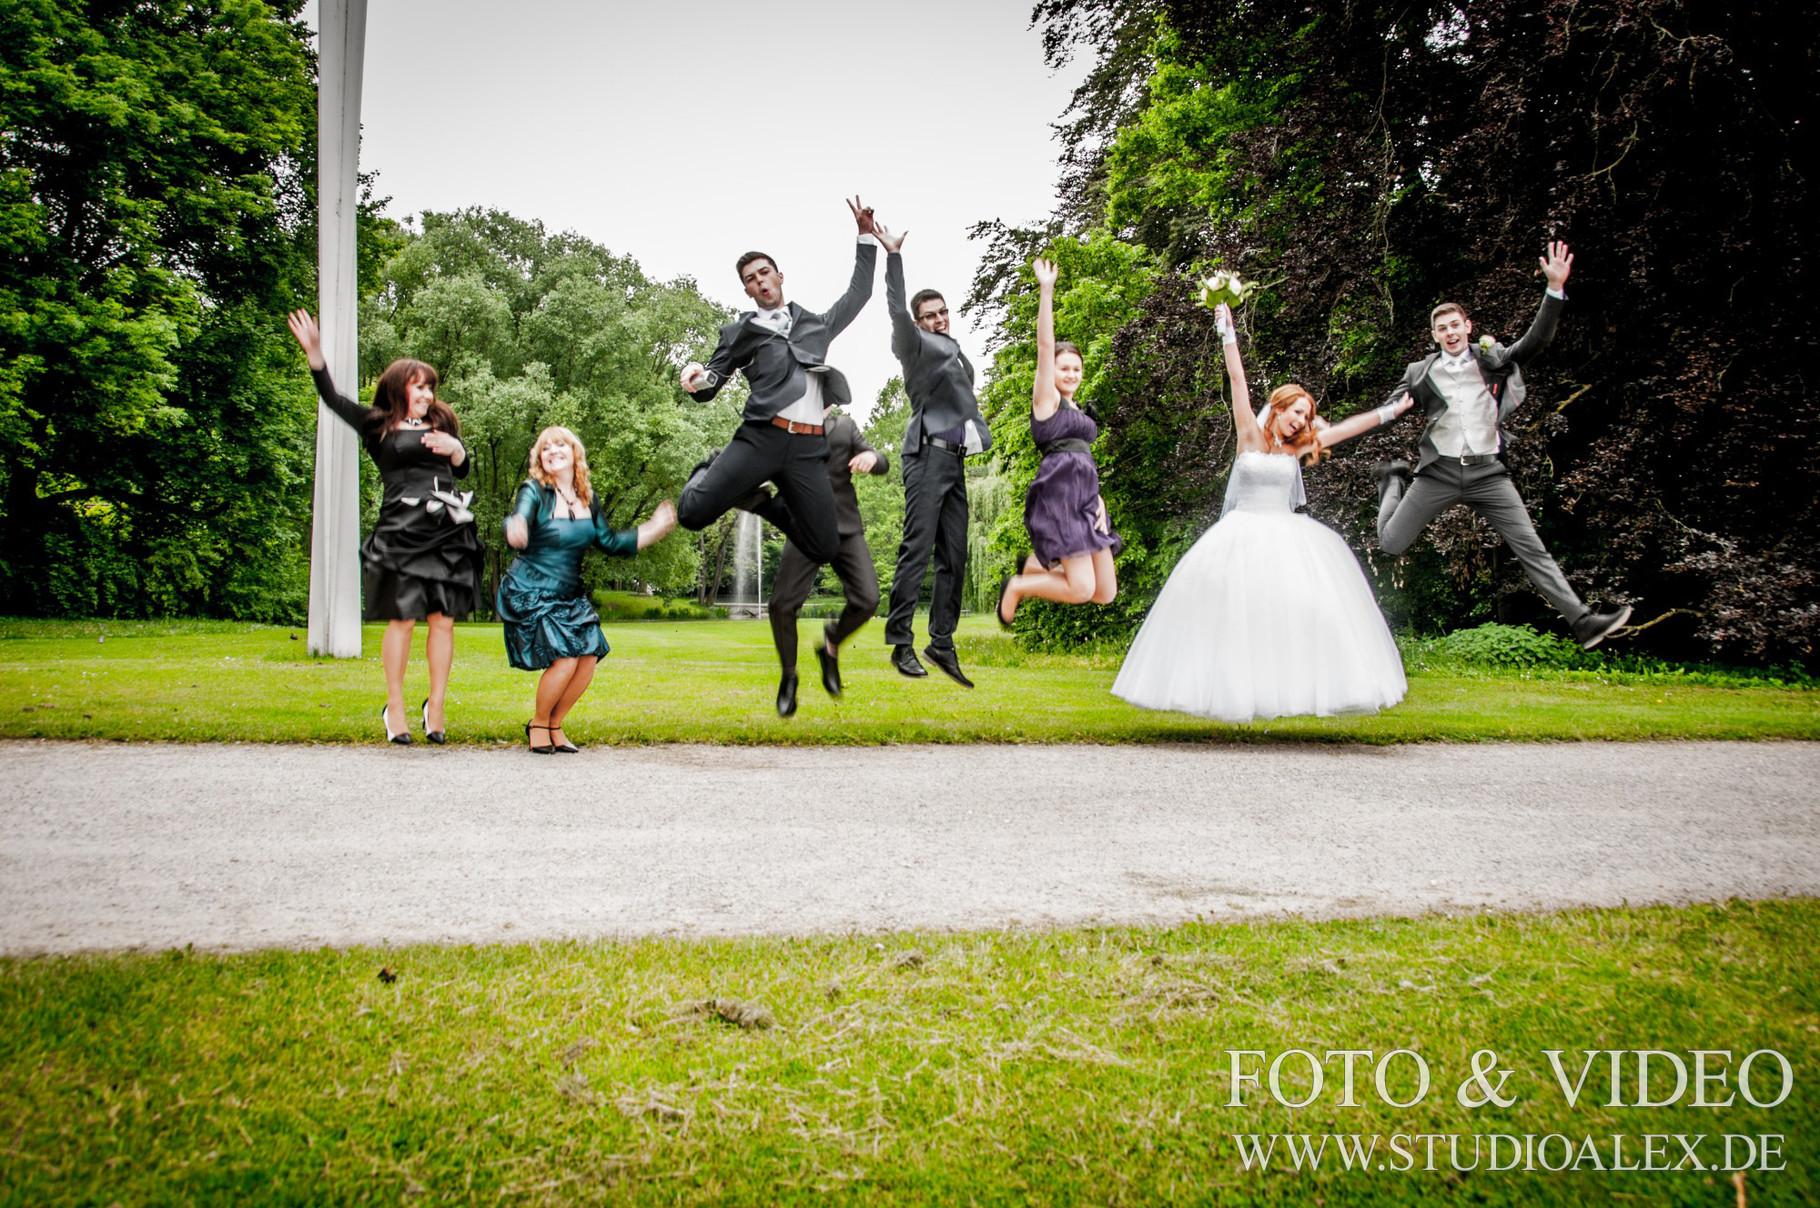 Fascinating Lustige Hochzeitsbilder Best Choice Of In Regensburg